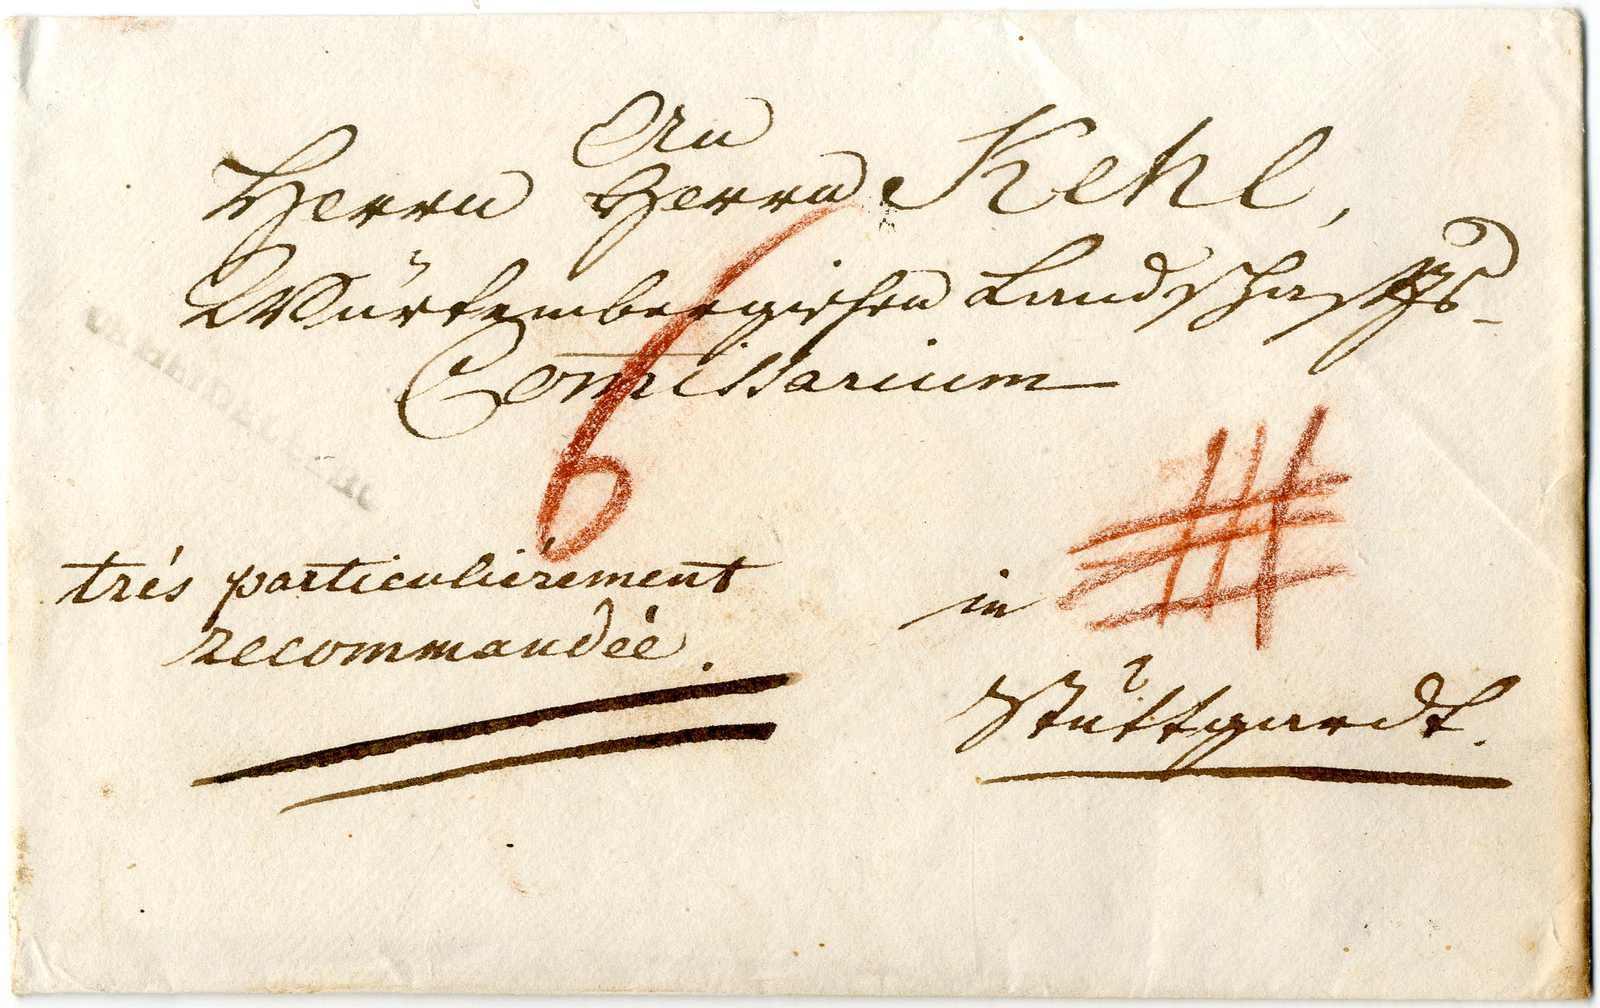 Lot 1 - Altdeutschland Baden, Vorphilatelie  -  Karl Pfankuch & Co. auction #222